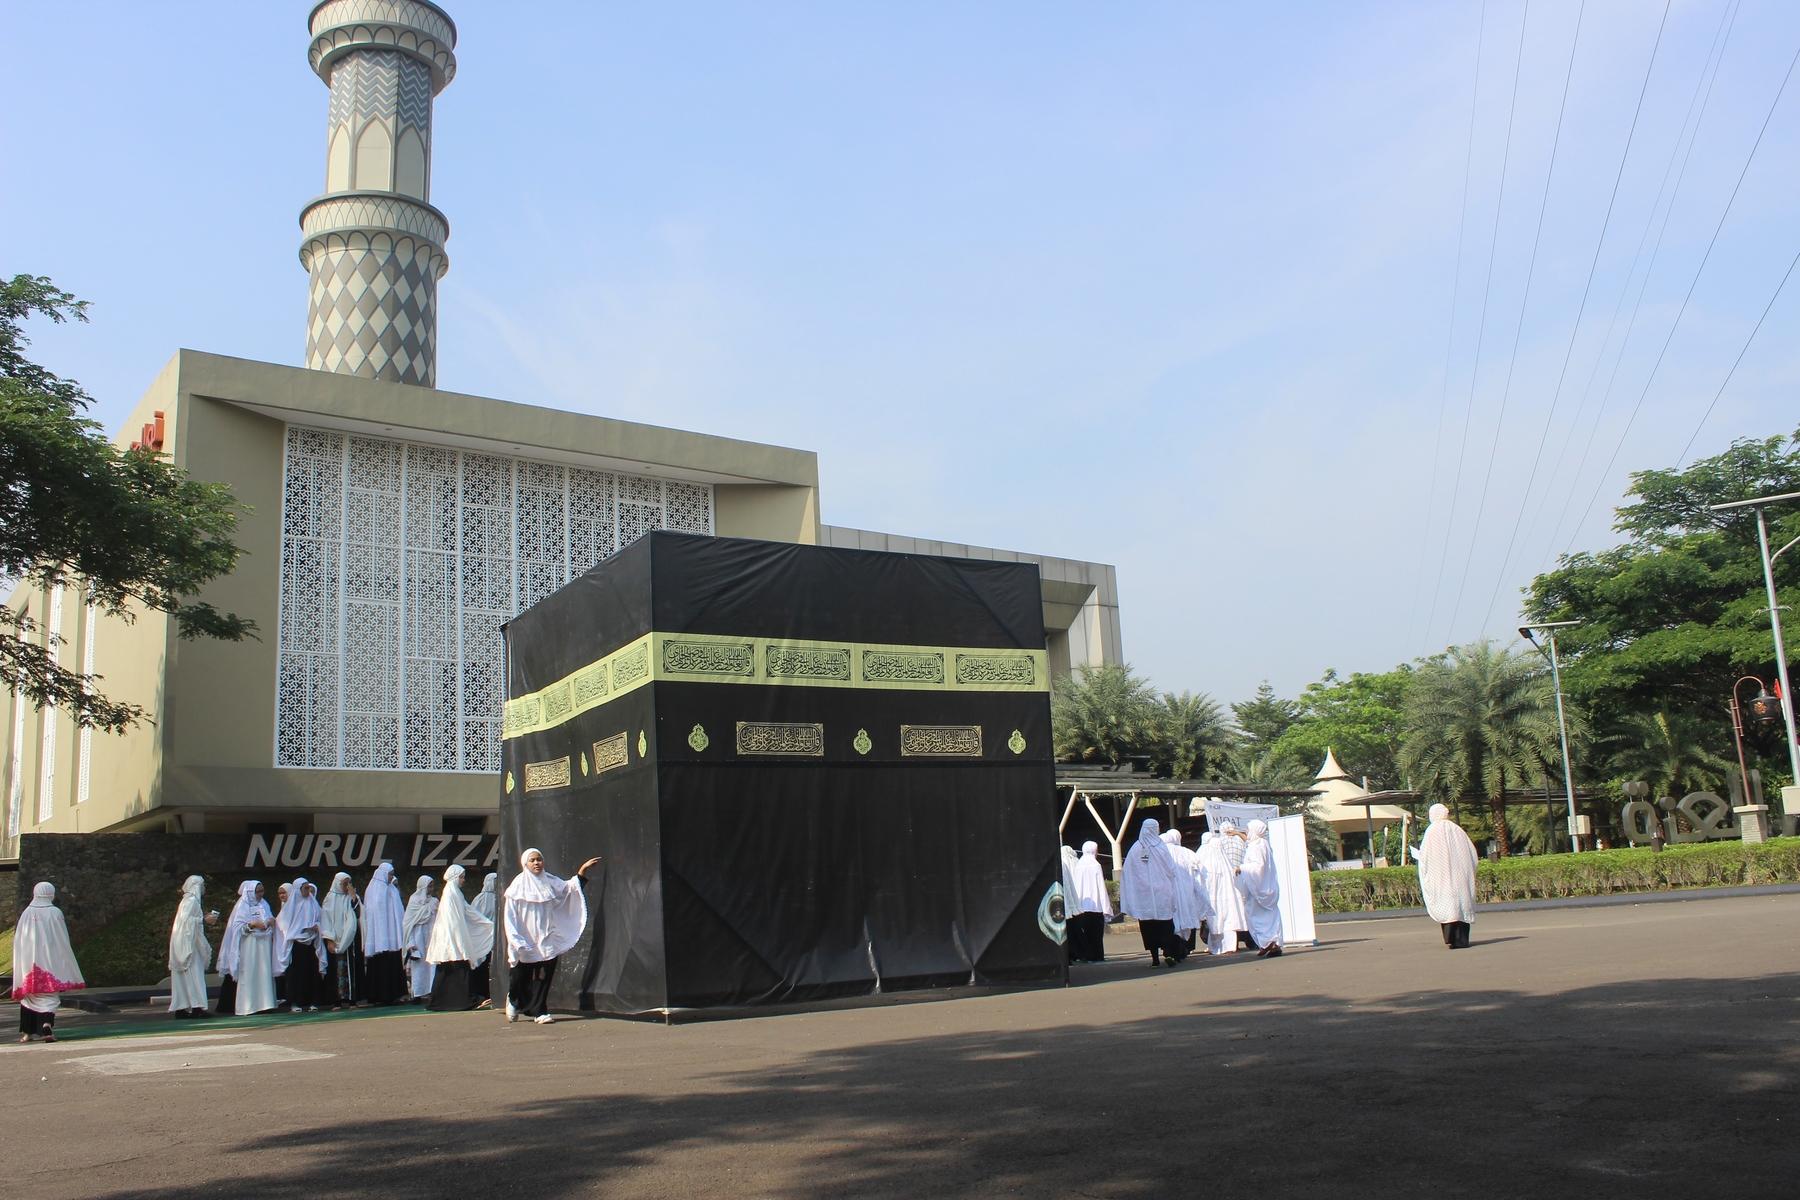 Siswa-Siswi Sekolah Insan Cendekia Madani Semangat Ikuti Manasik Haji